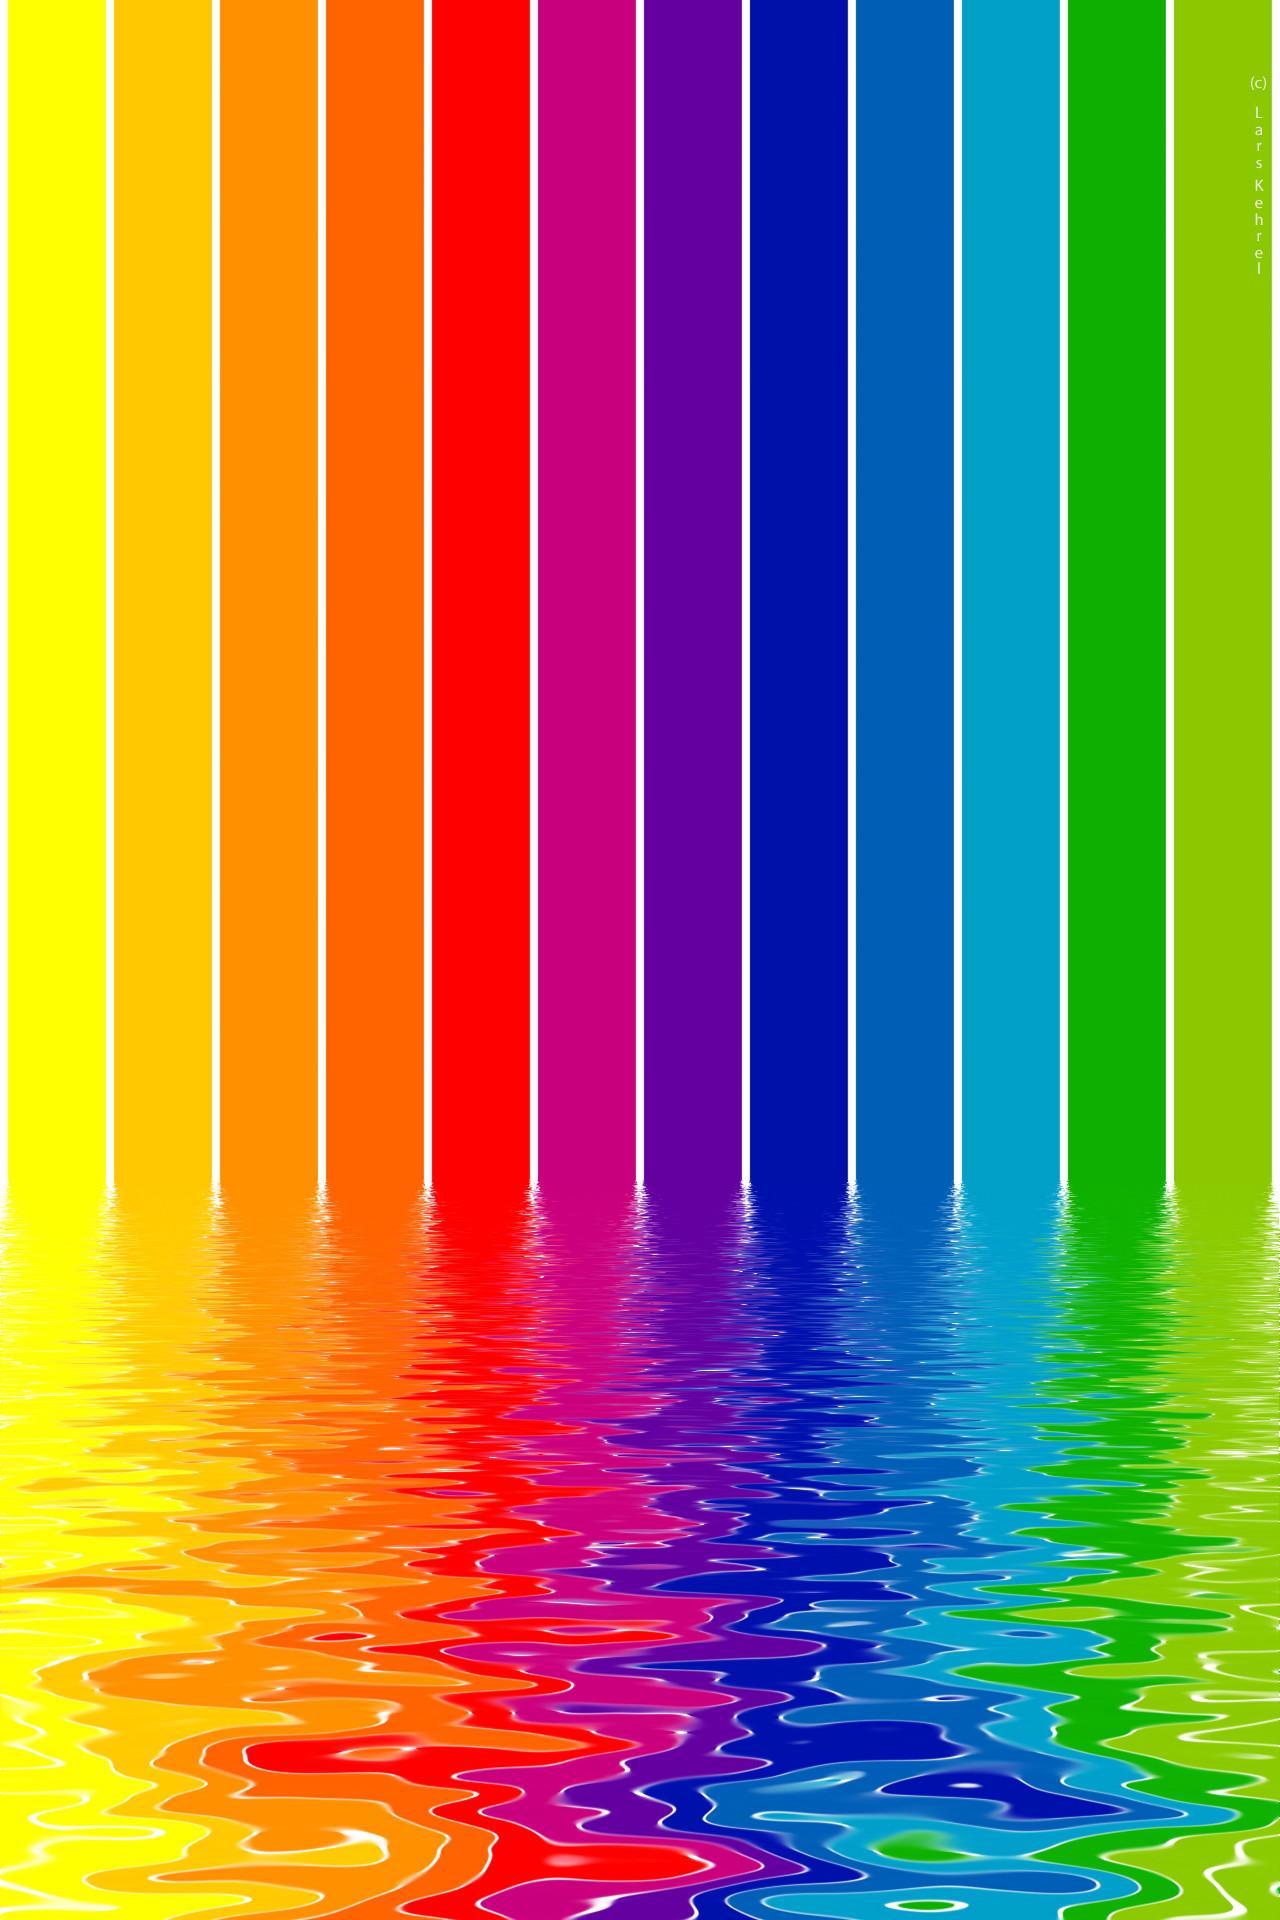 алматы цветовая радуга картинка только августе